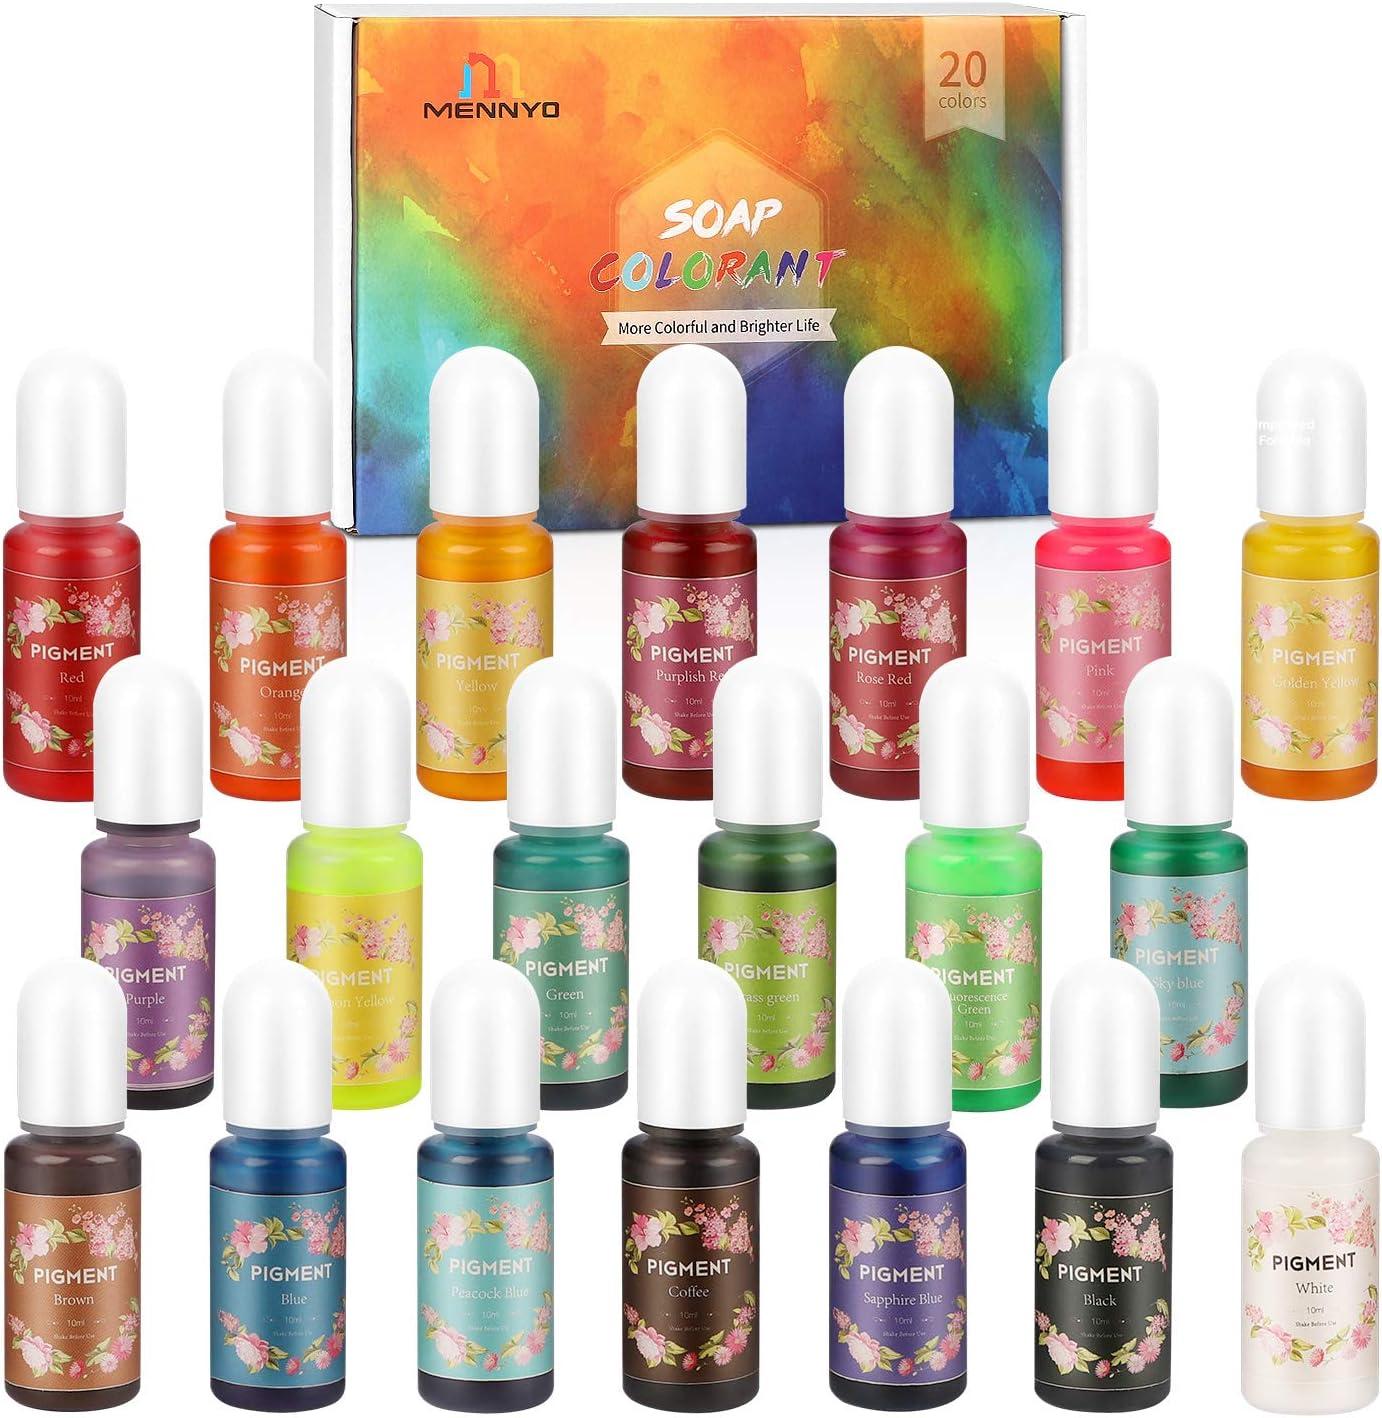 Pigmento para Resina Epoxi, Colorante Jabones 10ml*20 Colores - MENNYO Tinte natural líquido para Kit Hacer Velas, Fabrica Slime, Bomba de Baño, ...